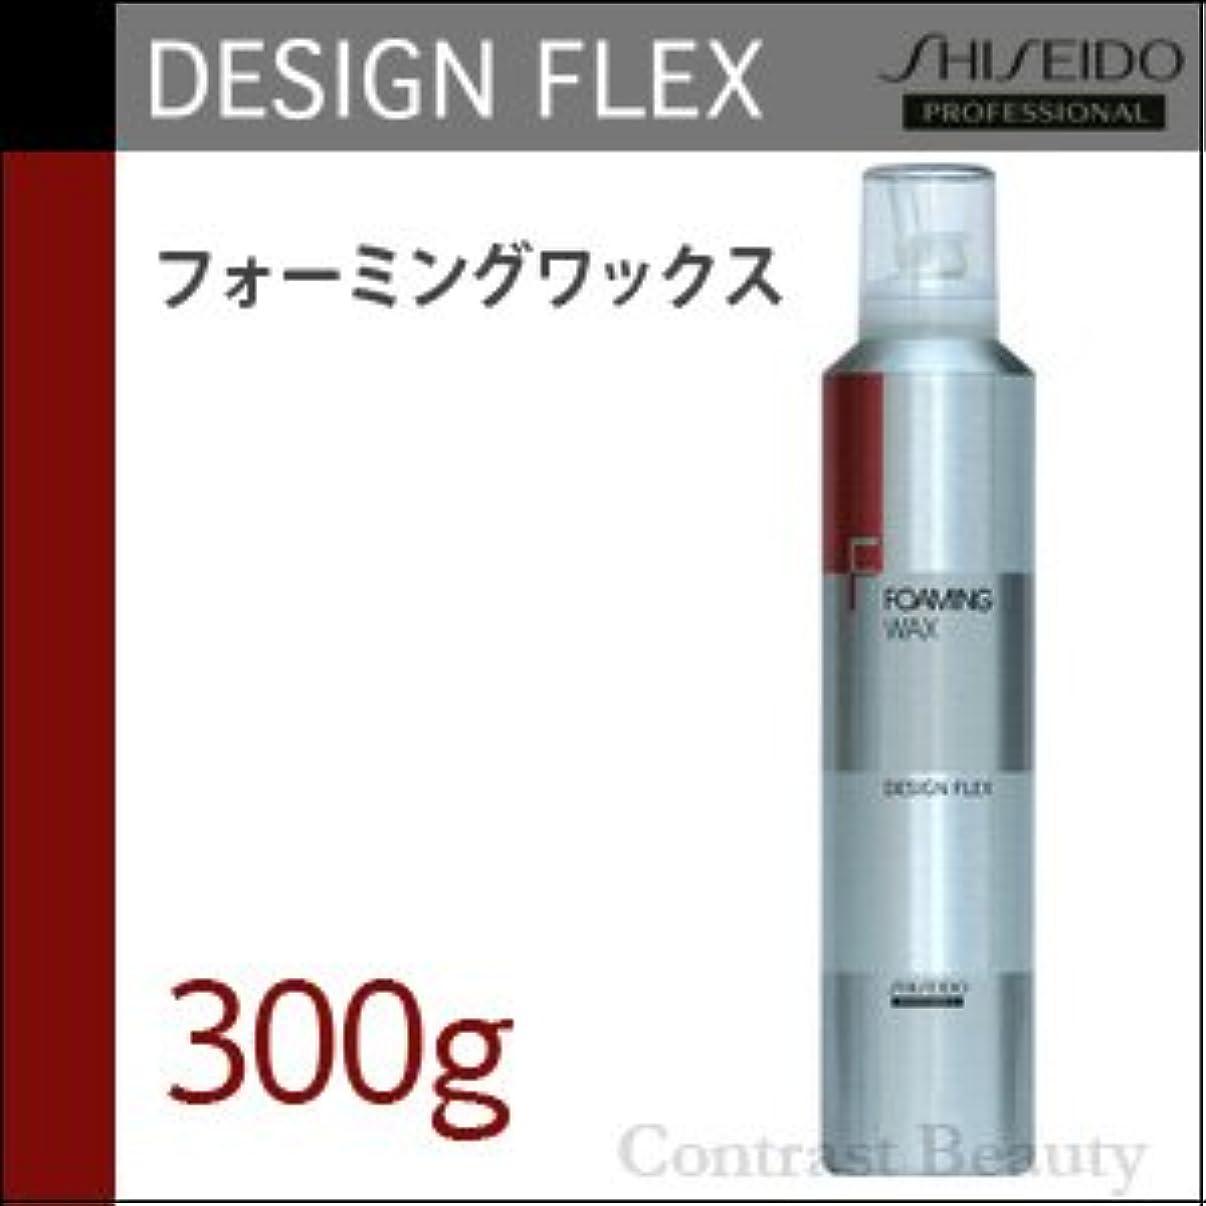 怒り寛大さ土砂降り【x5個セット】 資生堂 デザインフレックス フォーミングワックス 300g